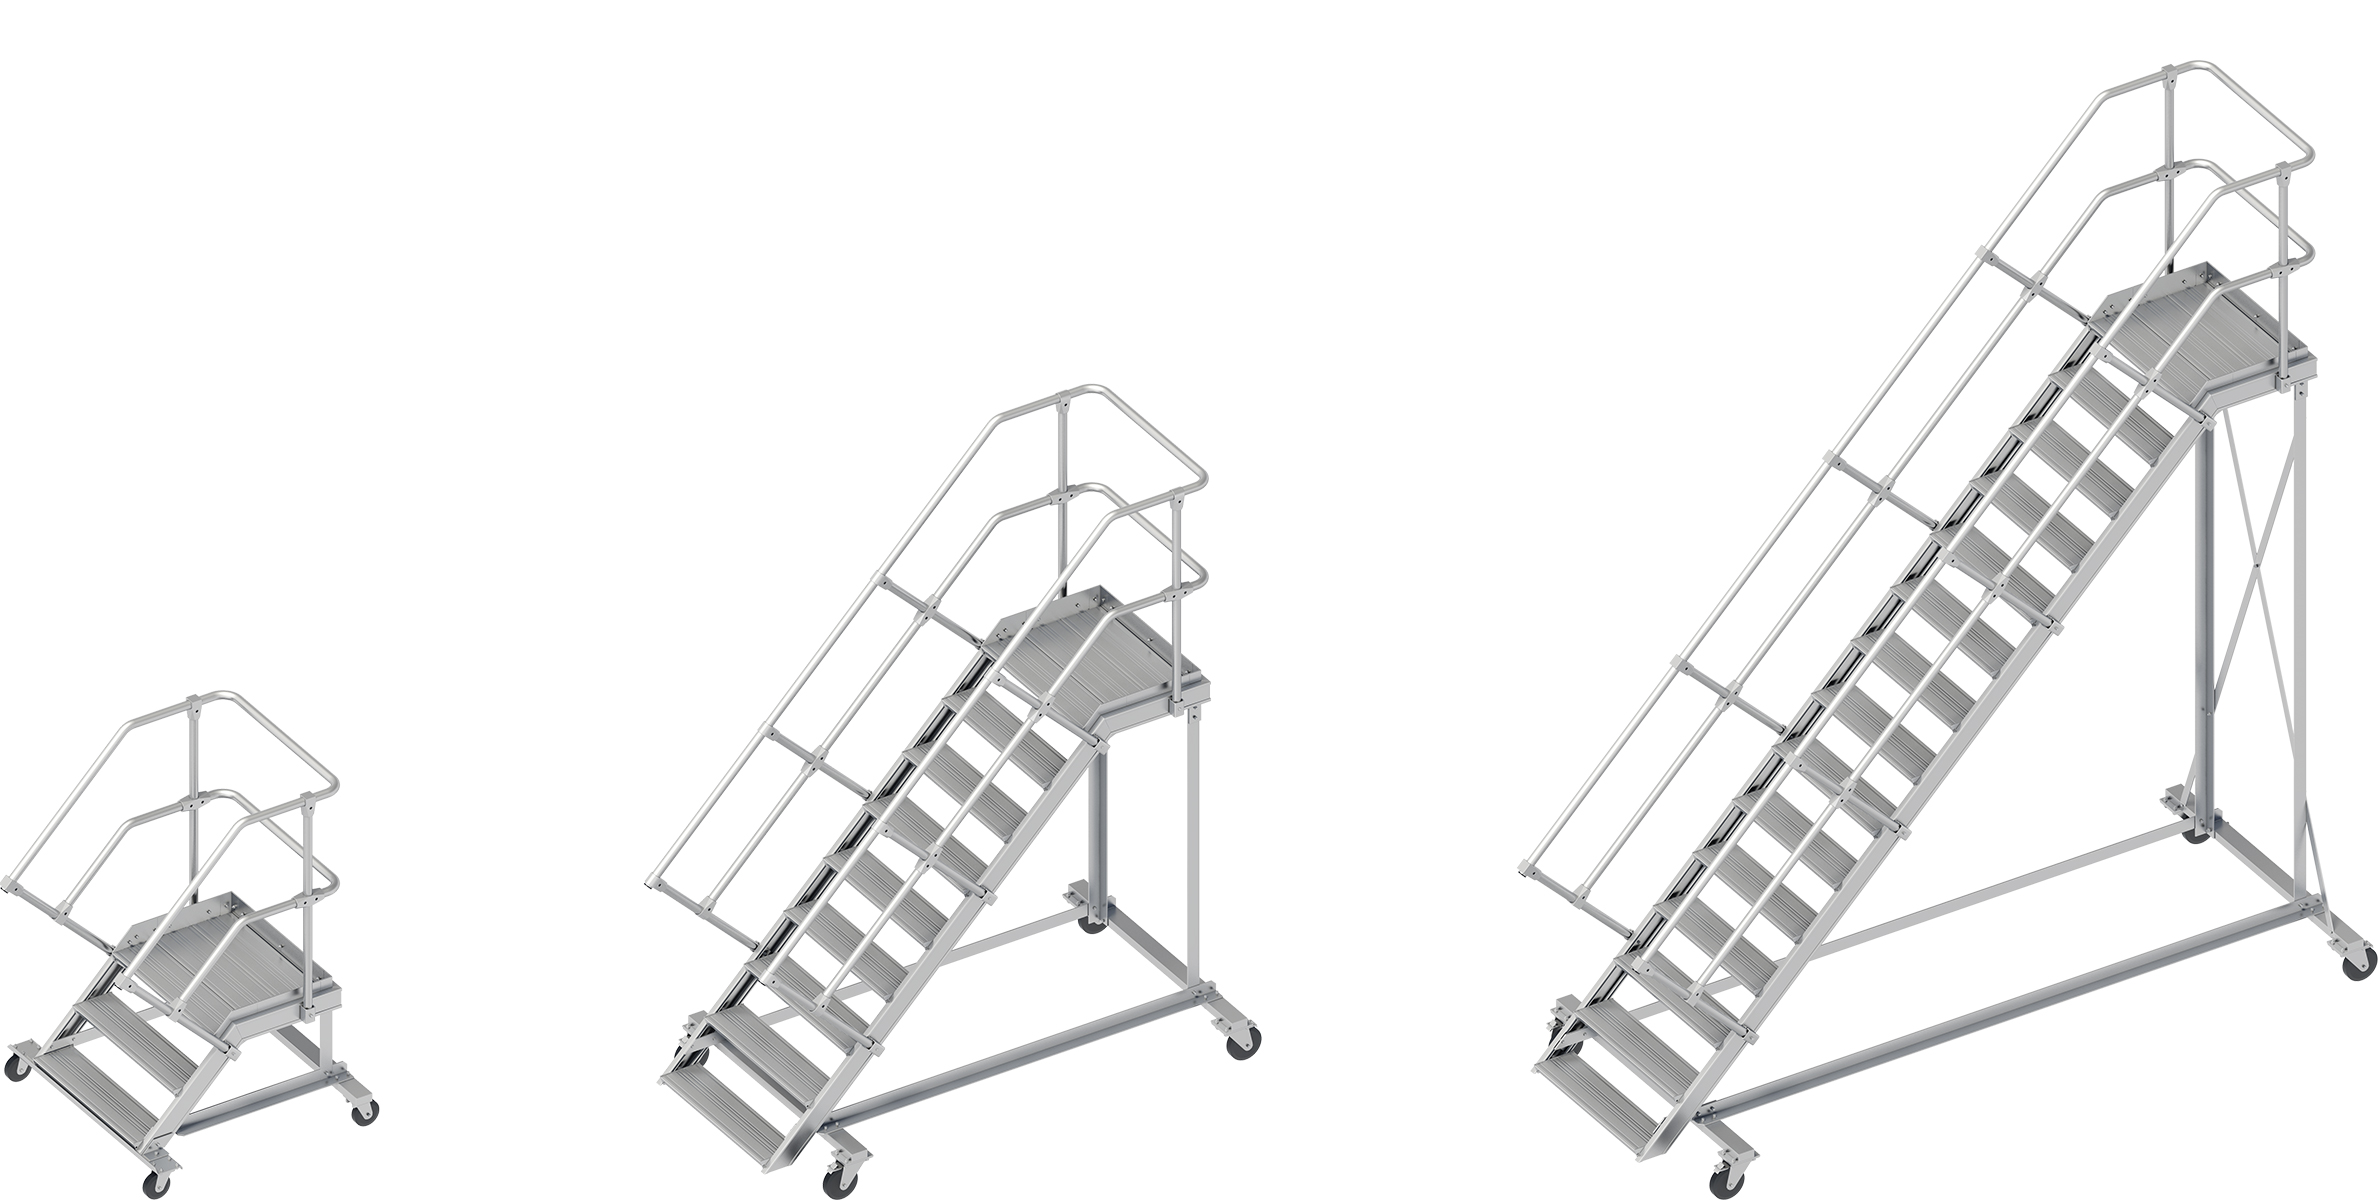 Layher Alu-Wartungsbühne 45° - 800 mm breit